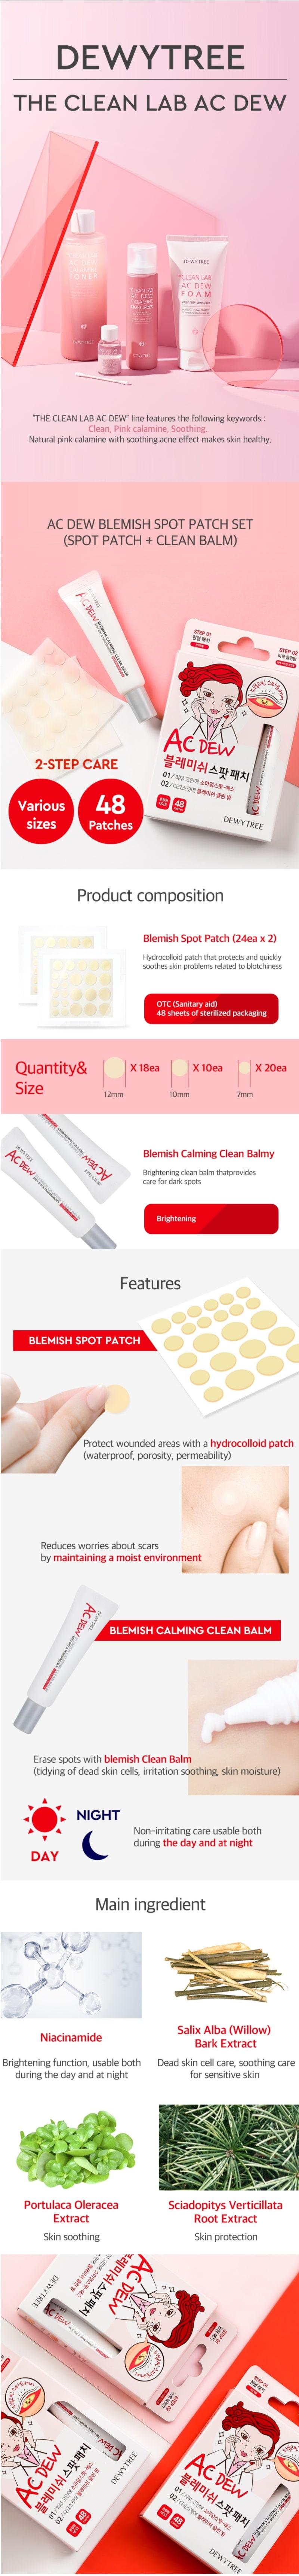 AC Dew Blemish Spot Patch + Clean Balm